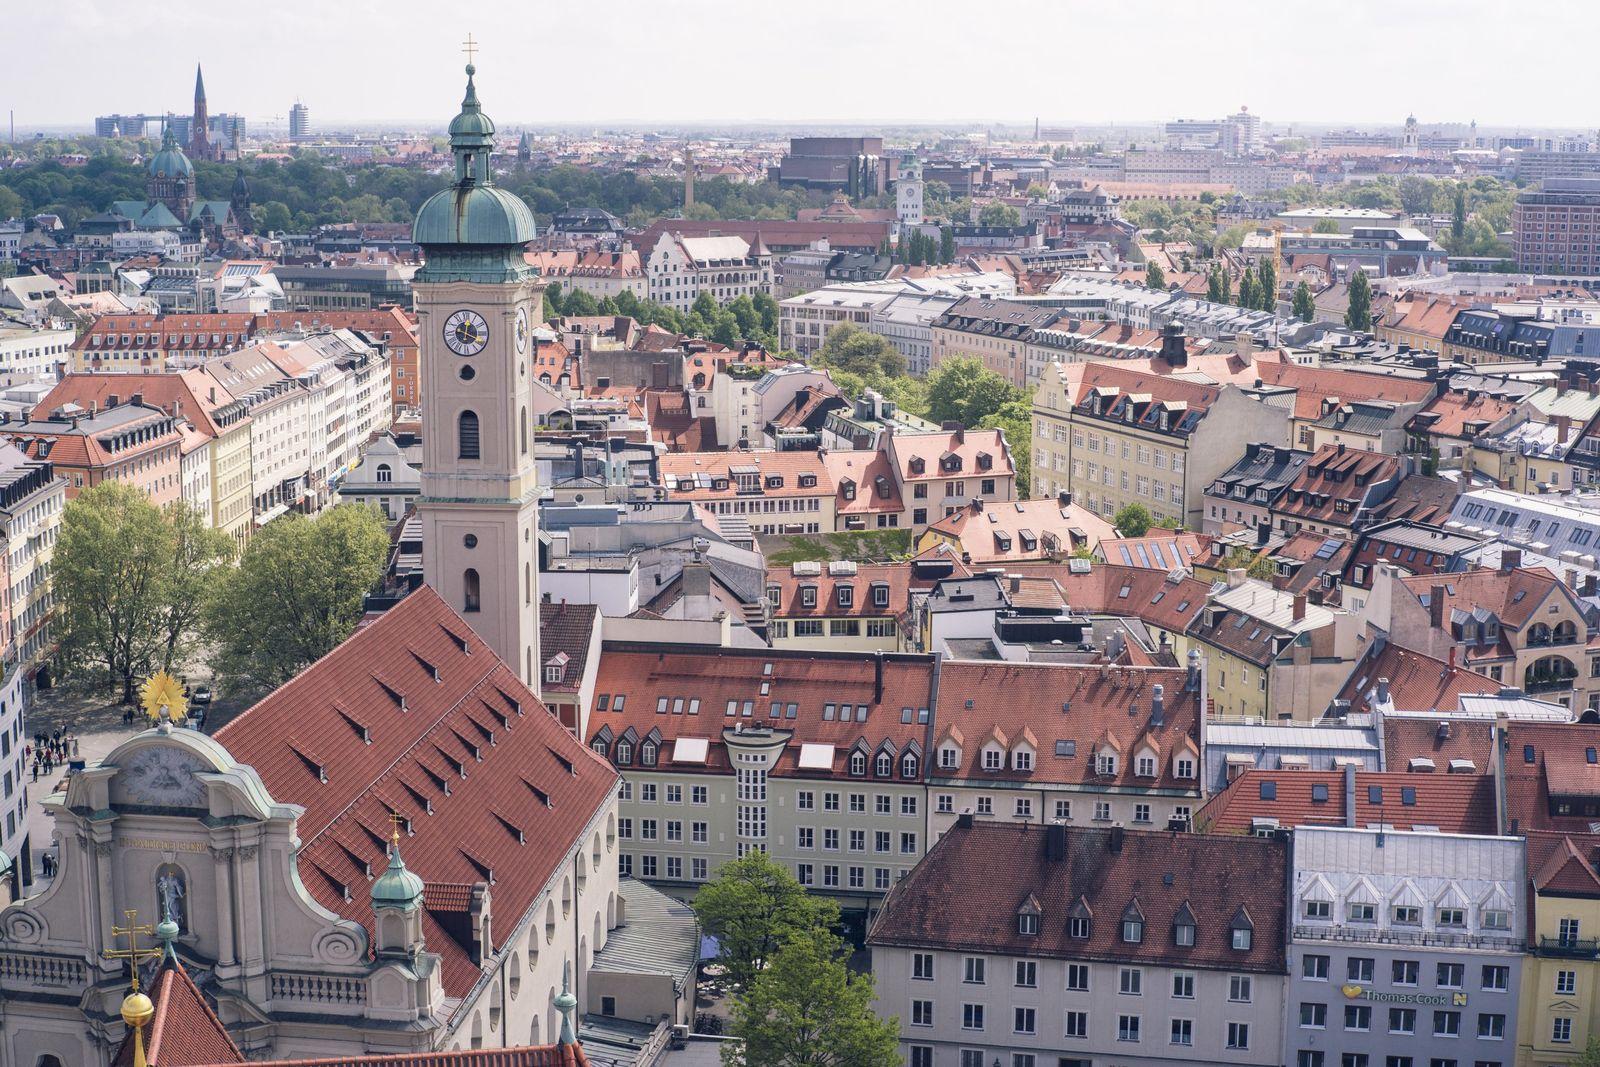 NICHT MEHR VERWENDEN! - München / Immobilien / Stadtansichten